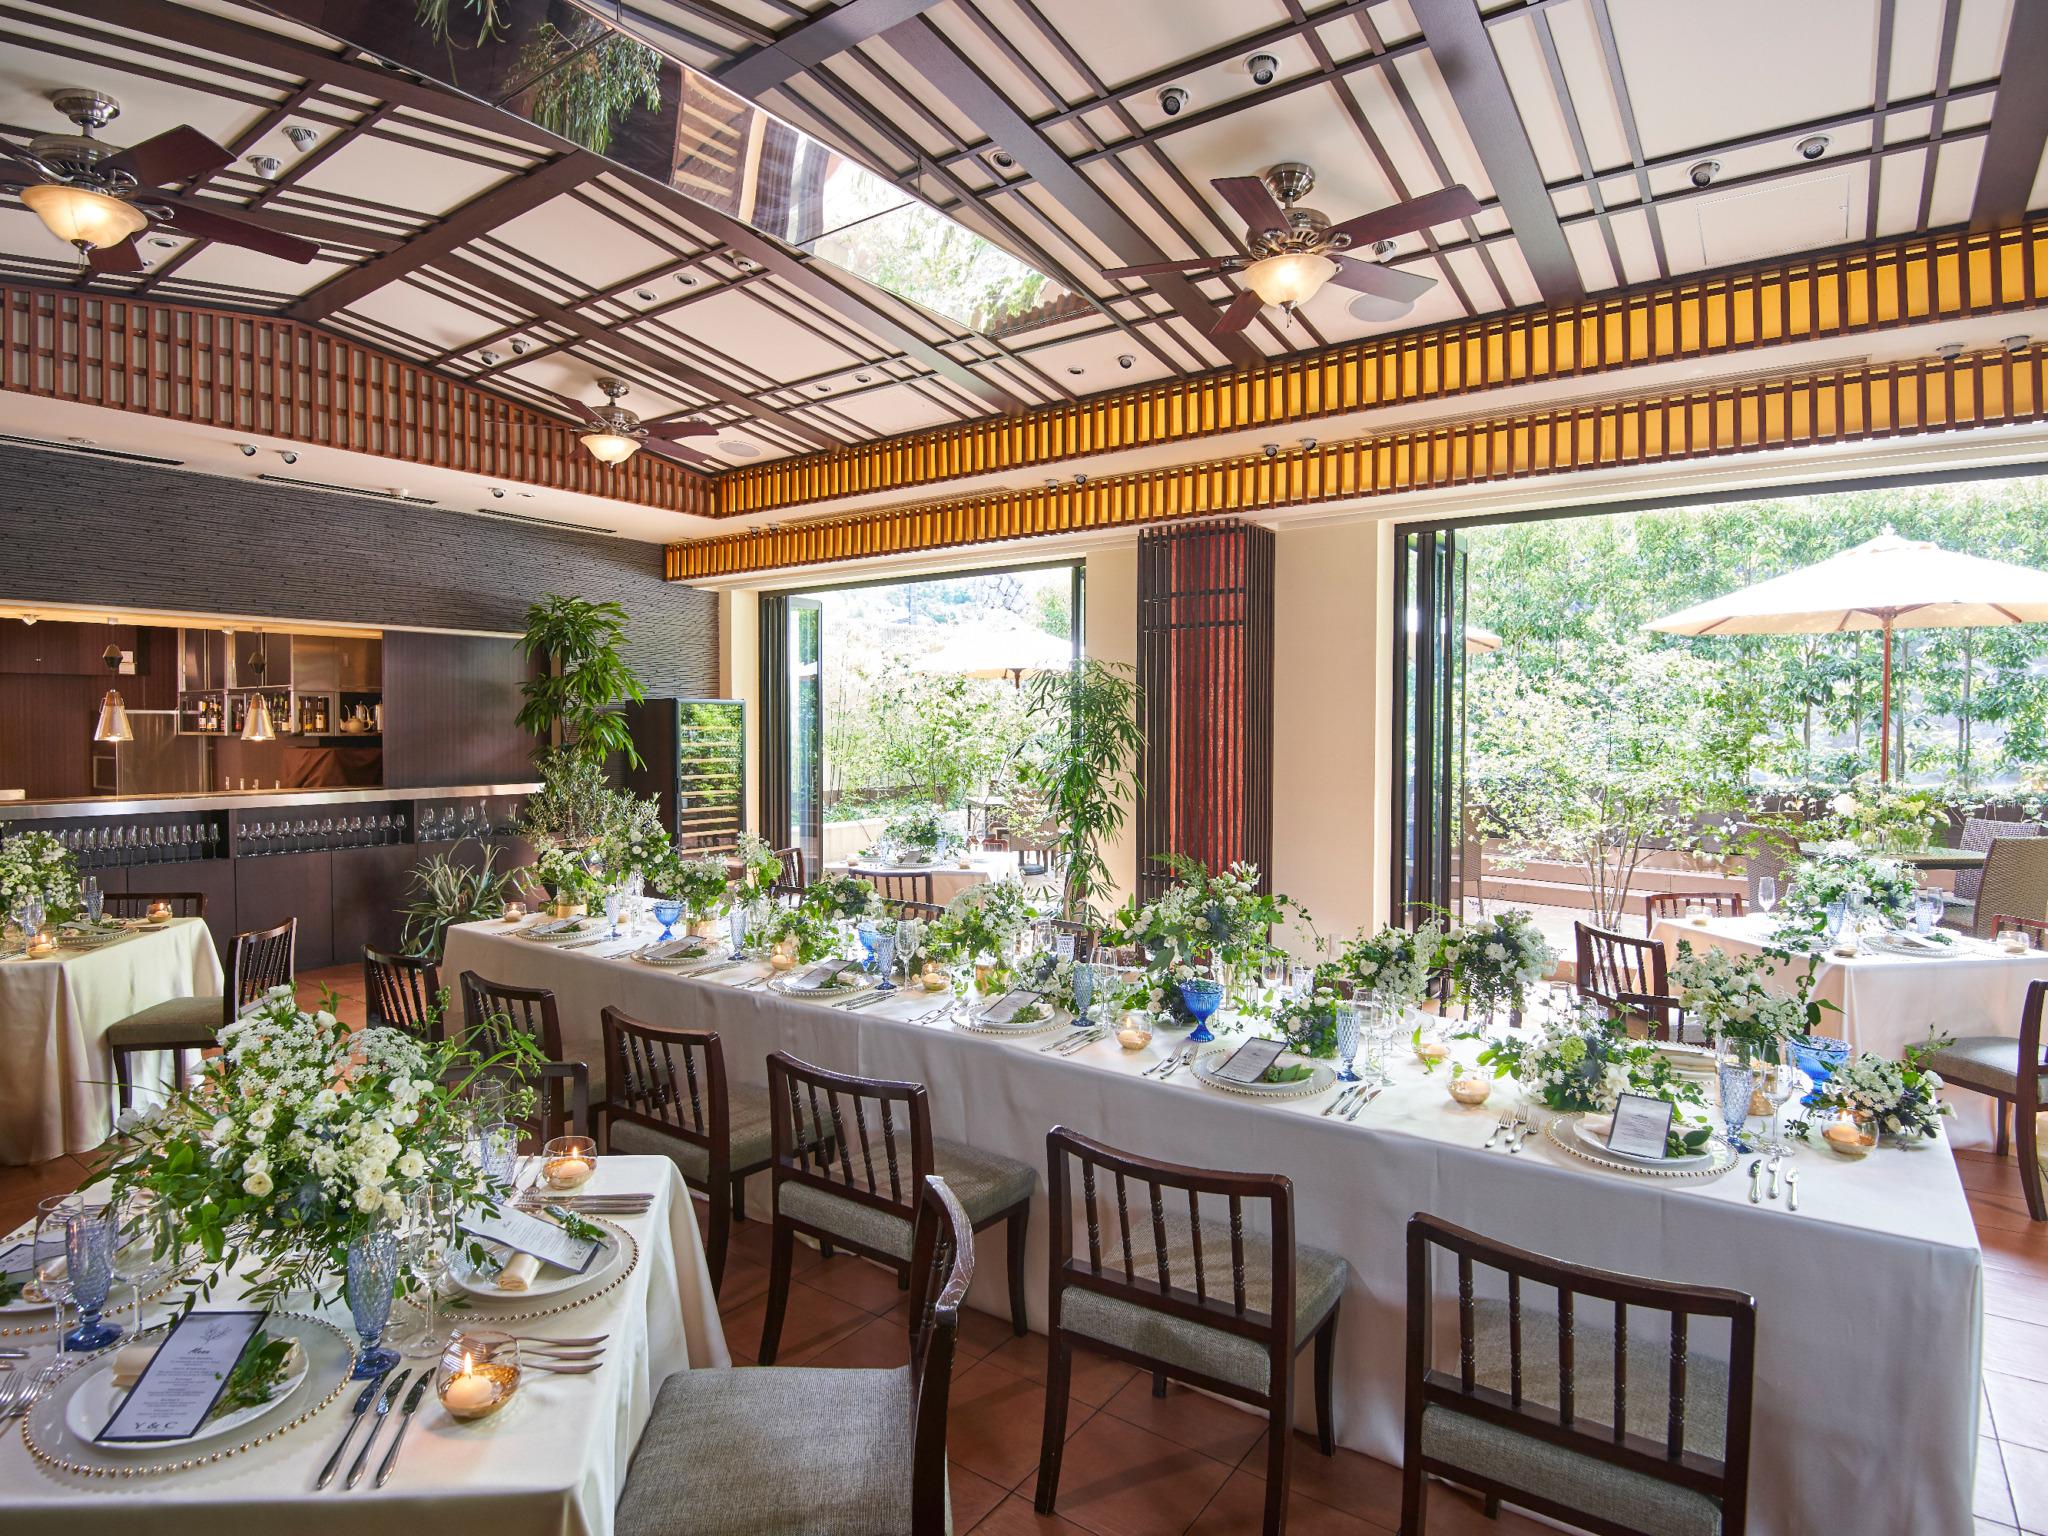 ⼤きな窓にウッドデッキのテラス、オープンキッチンを備え るなどこだわりの空間づくりを⼼掛けた少⼈数専⽤会場